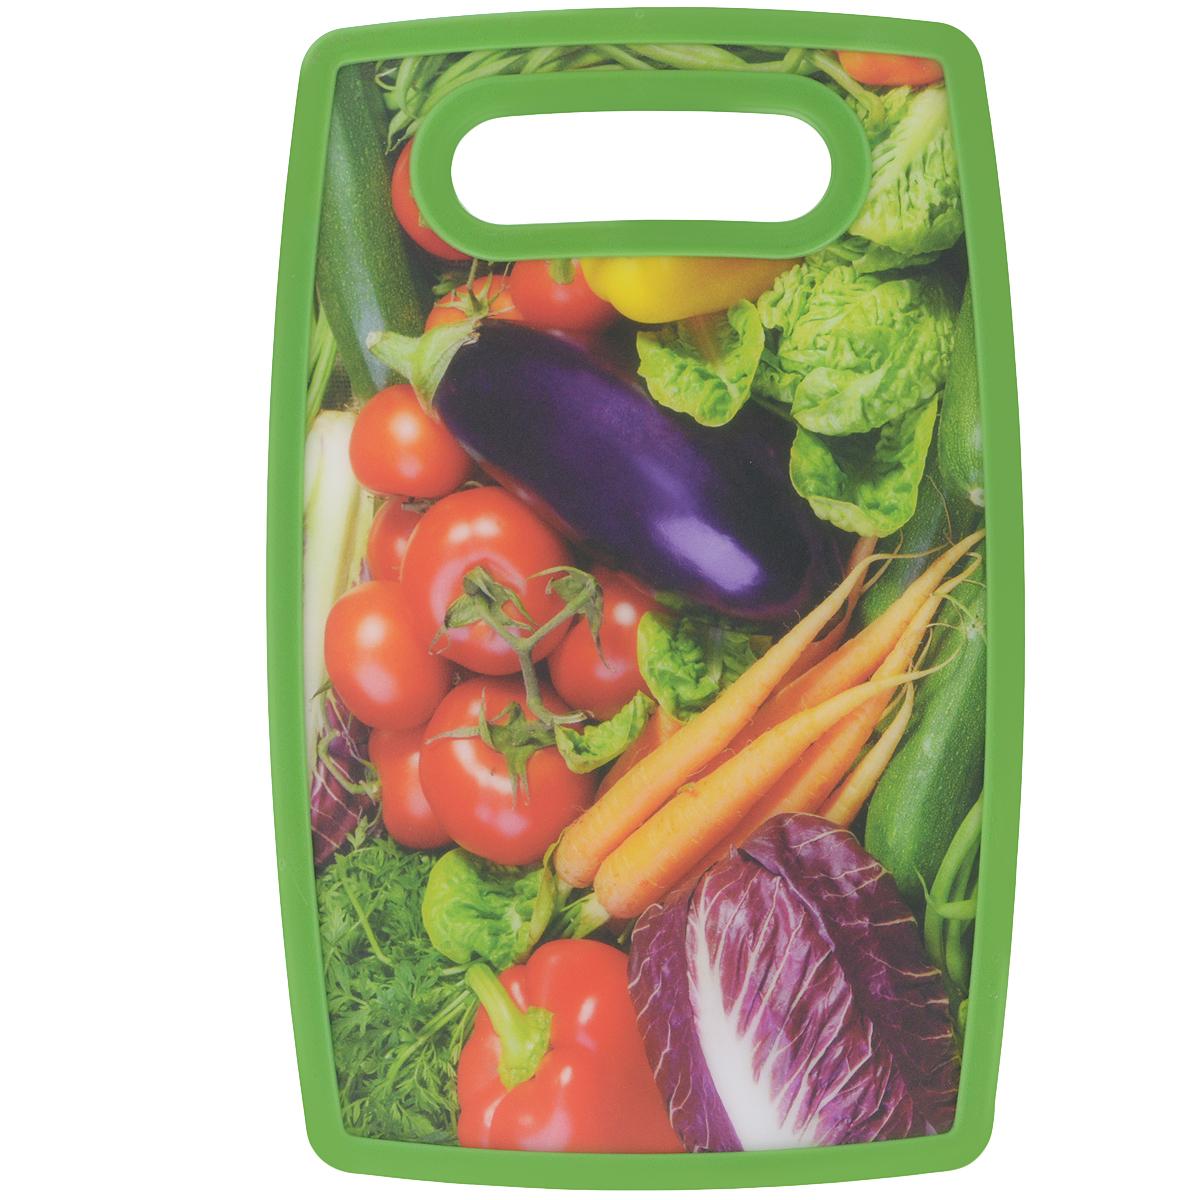 Доска разделочная LaraCook Овощи, 20 см х 30 смLC-1115Доска разделочная LaraCook Овощи, изготовленная из устойчивого к истиранию пластика, займет достойное место среди аксессуаров на вашей кухне. С одной стороны доска имеет однотонное пластиковое покрытие, а с другой декорирована изображением овощей. Доска имеет высокий коэффициент жесткости и прекрасно подойдет для нарезки любых продуктов. Устойчива к деформации и высоким температурам.Можно мыть в посудомоечной машине.